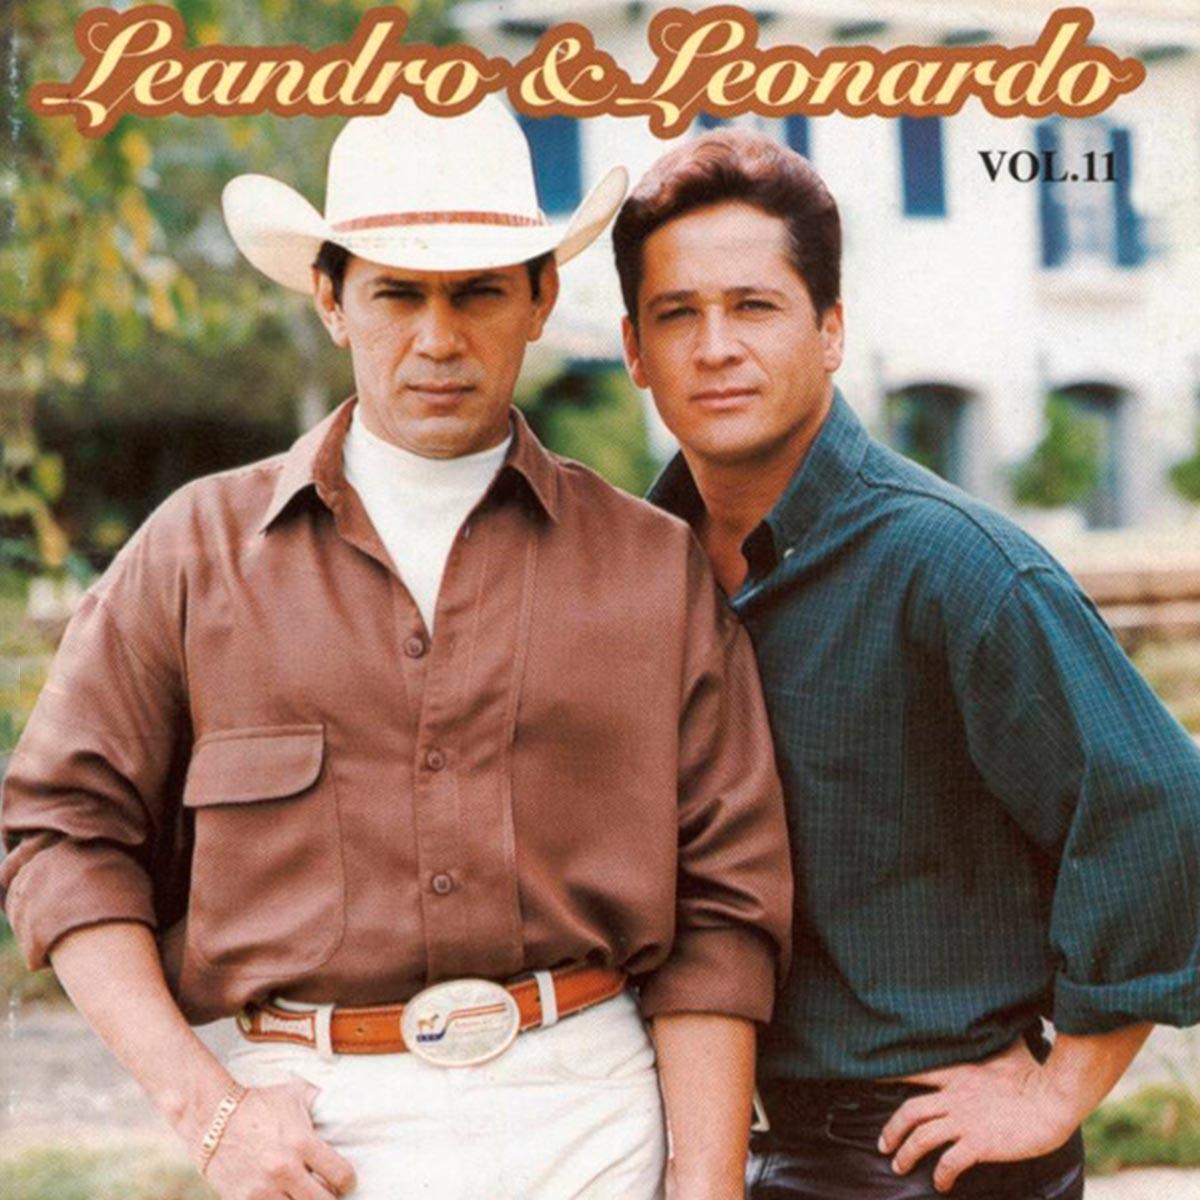 CD Leandro & Leonardo Volume 11